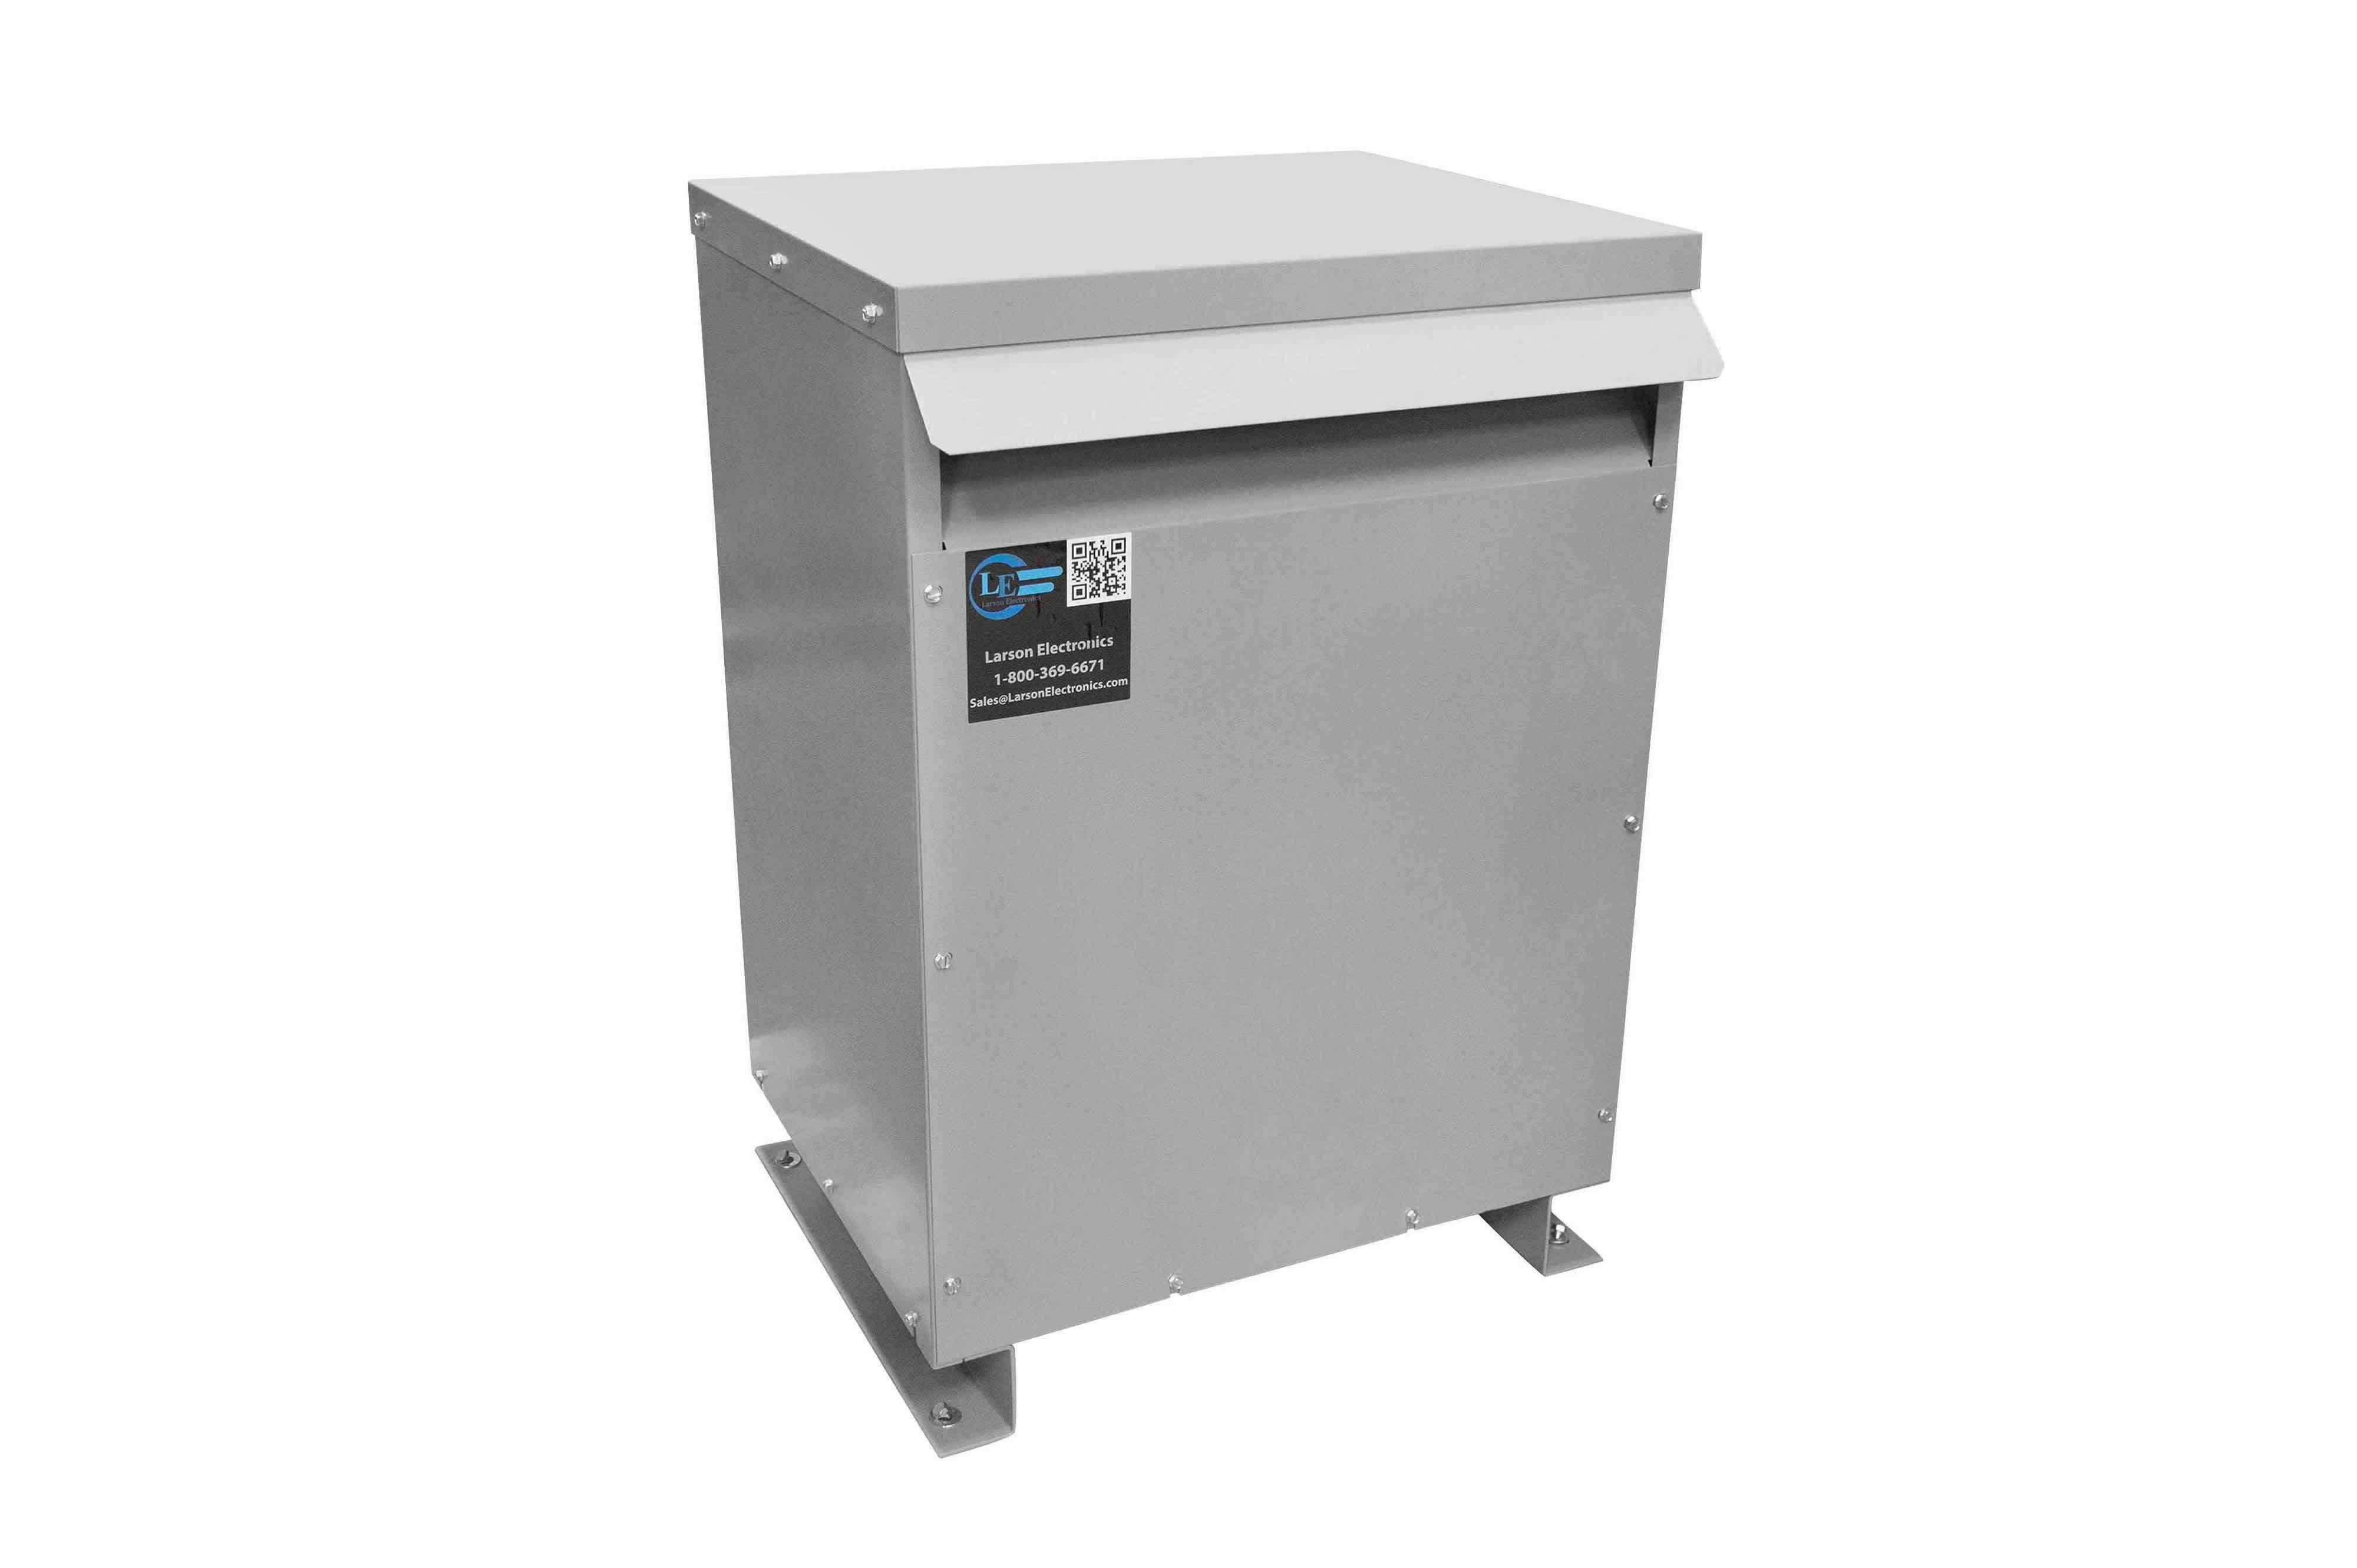 10 kVA 3PH Isolation Transformer, 240V Delta Primary, 208V Delta Secondary, N3R, Ventilated, 60 Hz